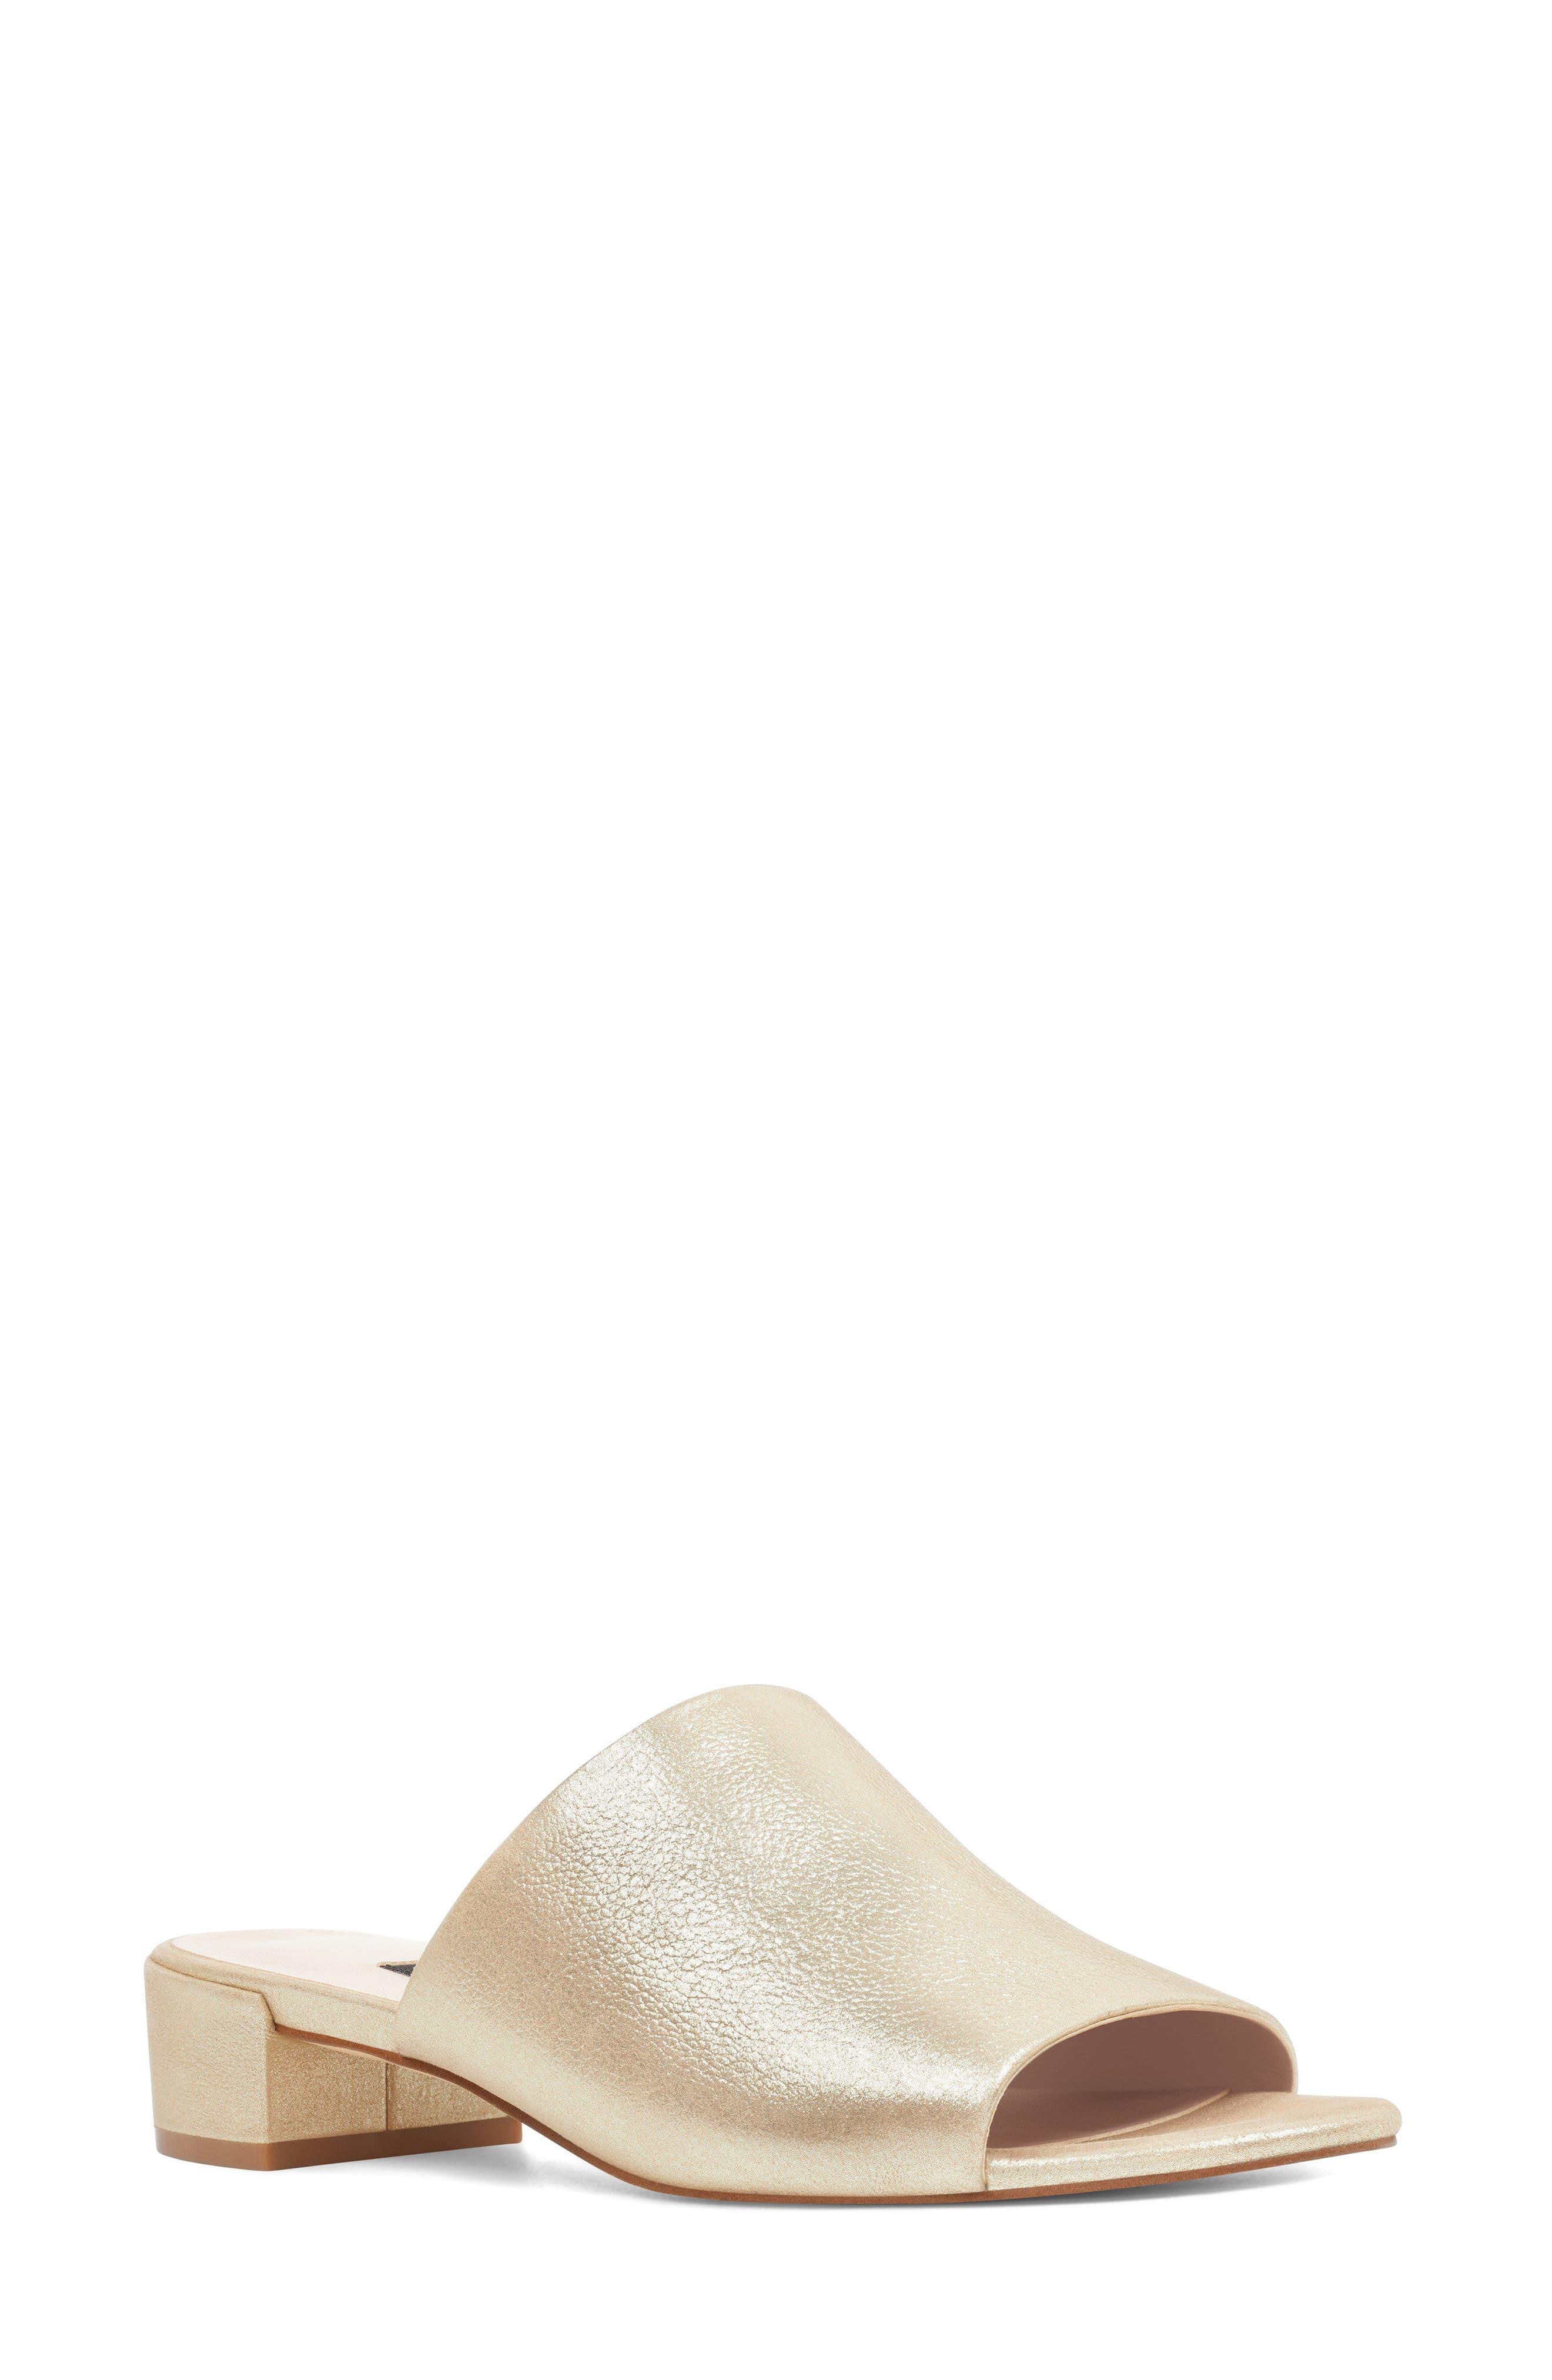 Raissa Slide Sandal,                         Main,                         color, Light Gold Leather